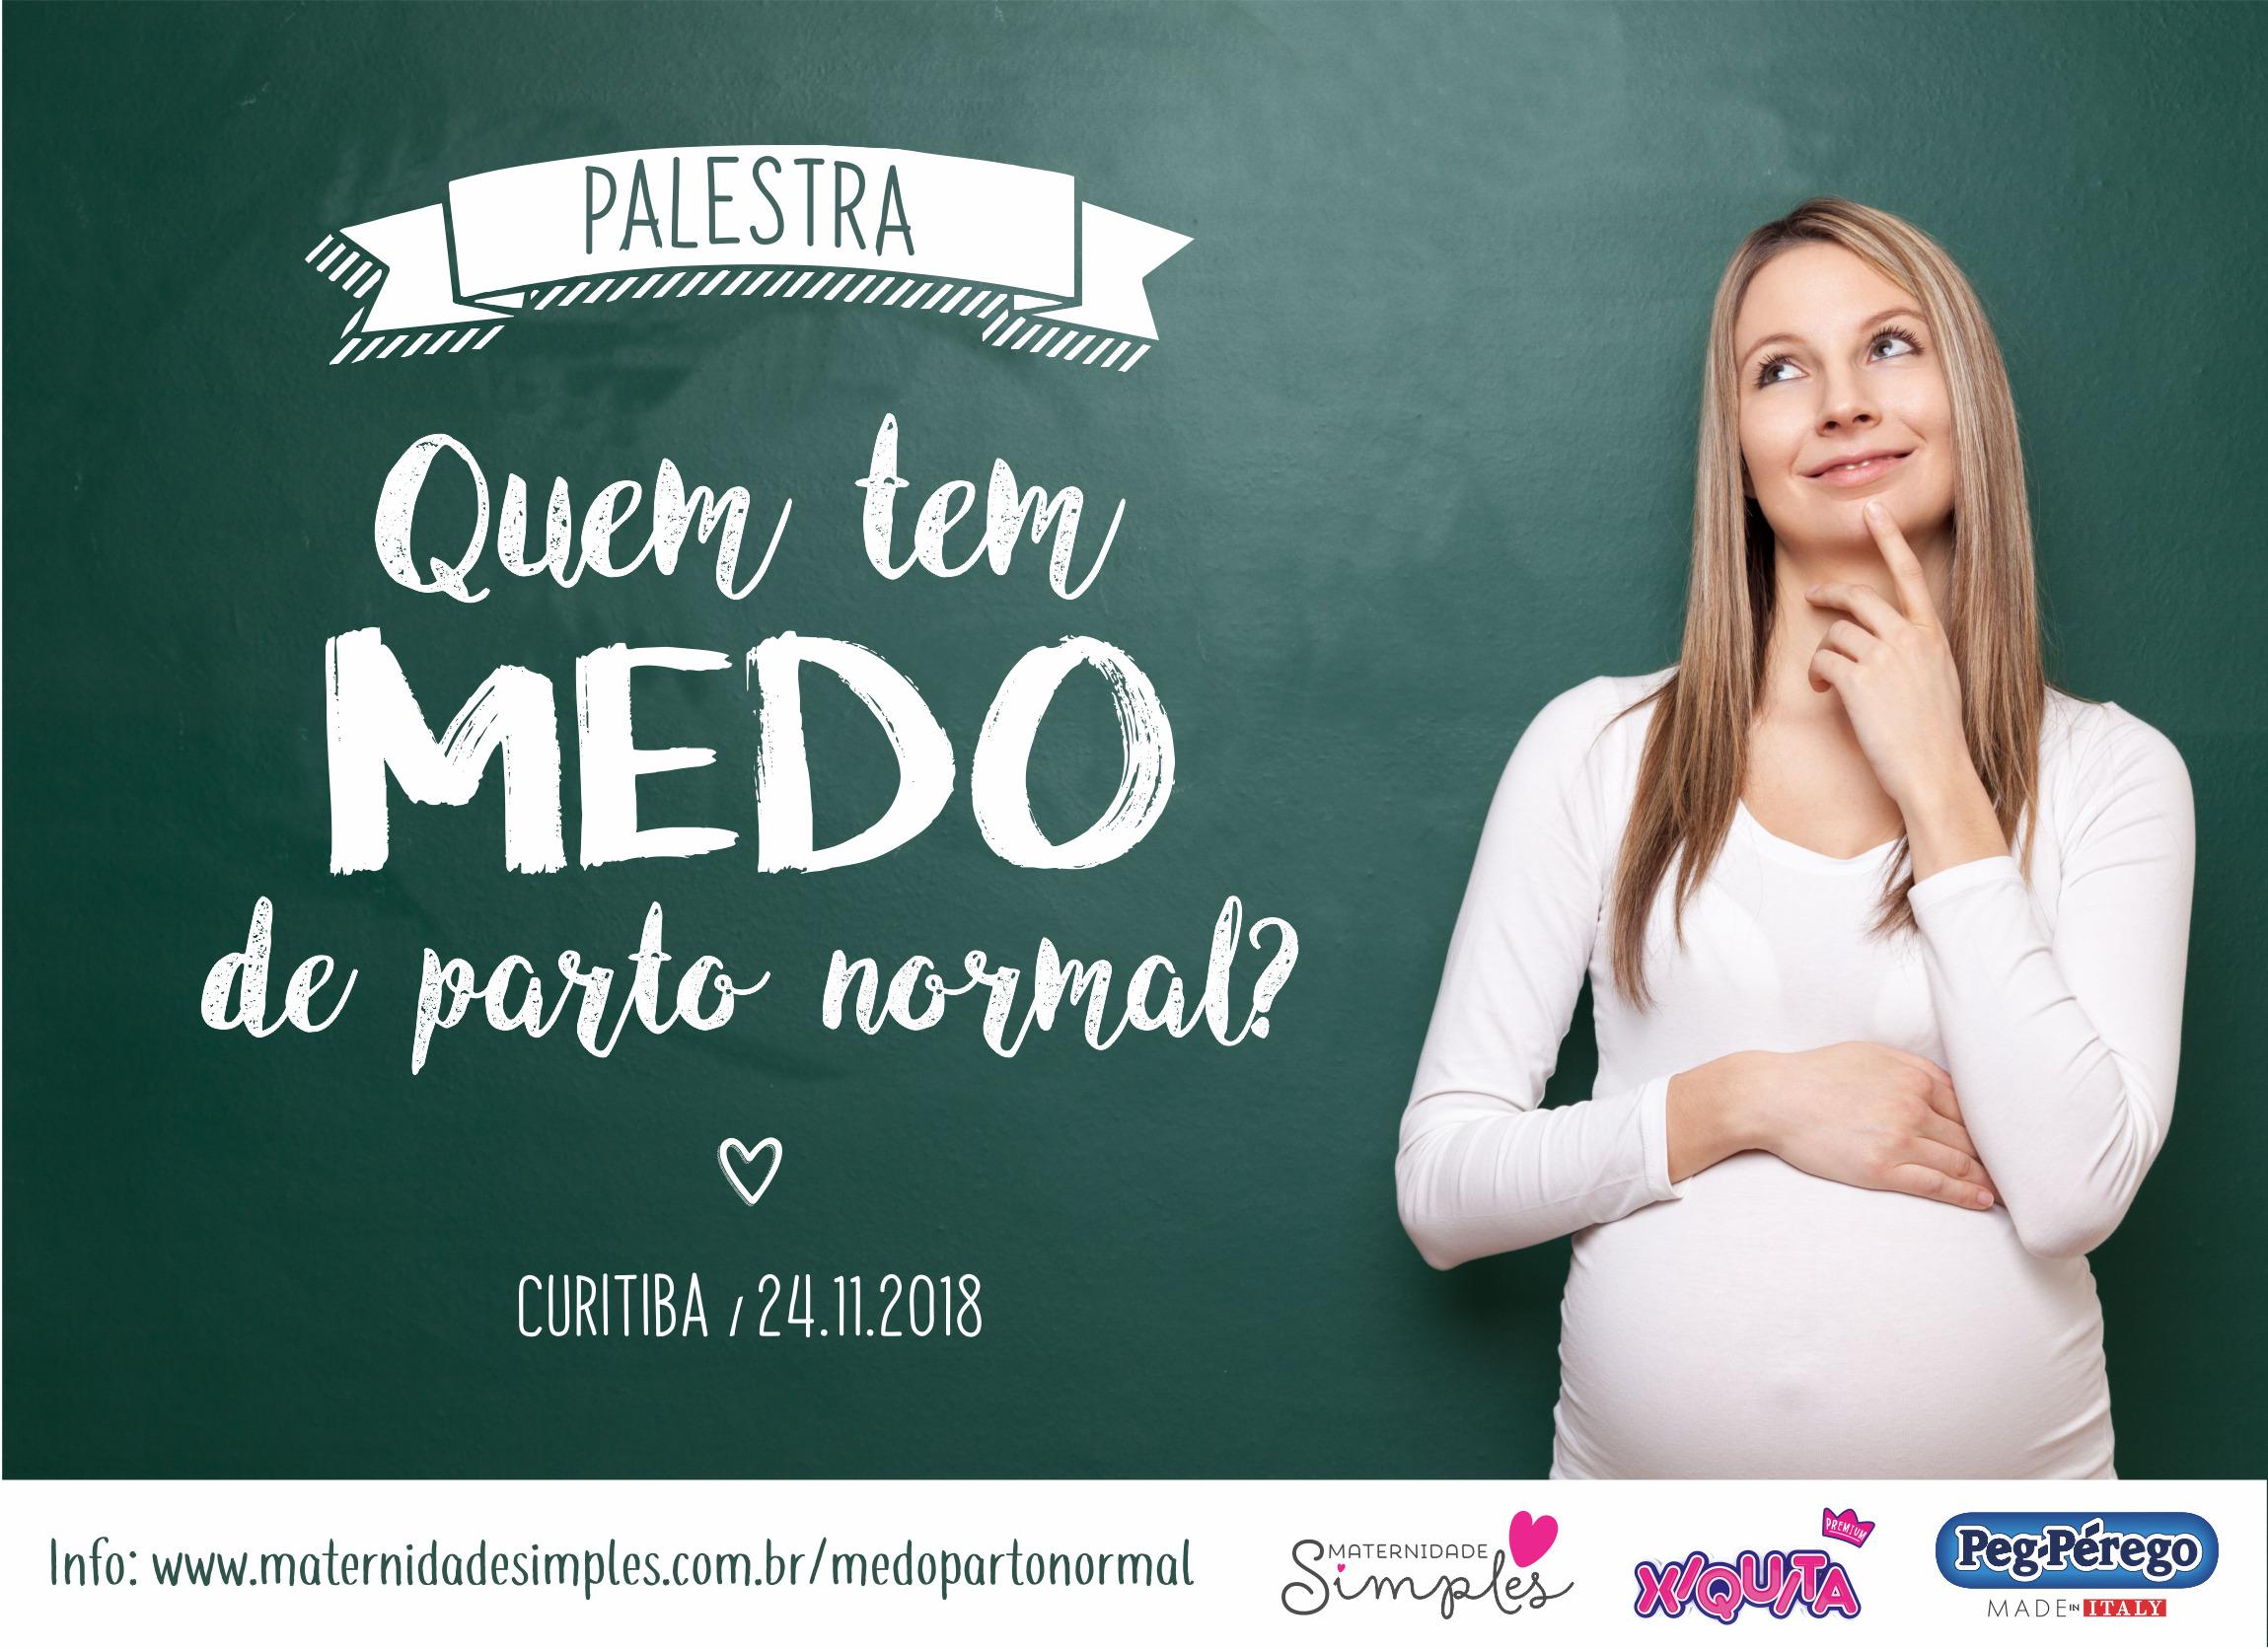 evento quem tem medo de parto normal